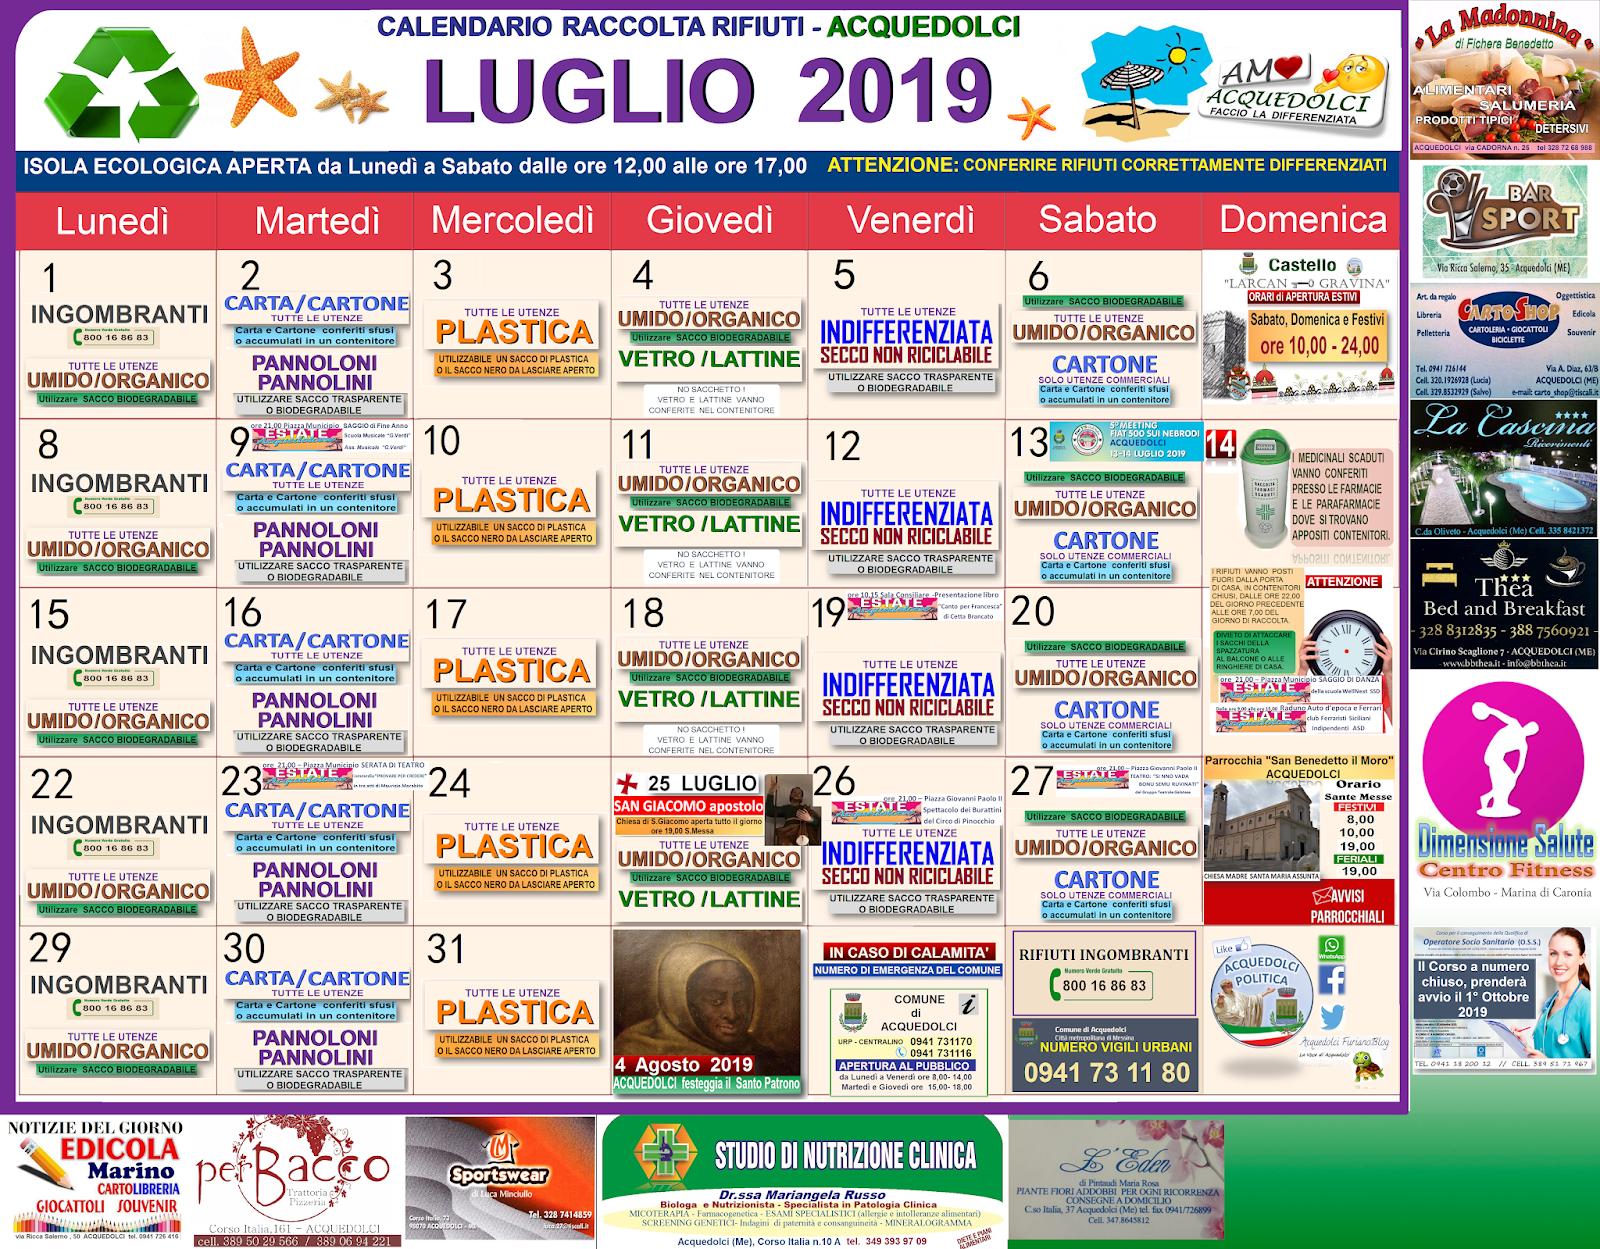 Calendario Raccolta Differenziata Sanremo.Rifiuti Calendario Della Raccolta Del Mese Di Luglio 2019